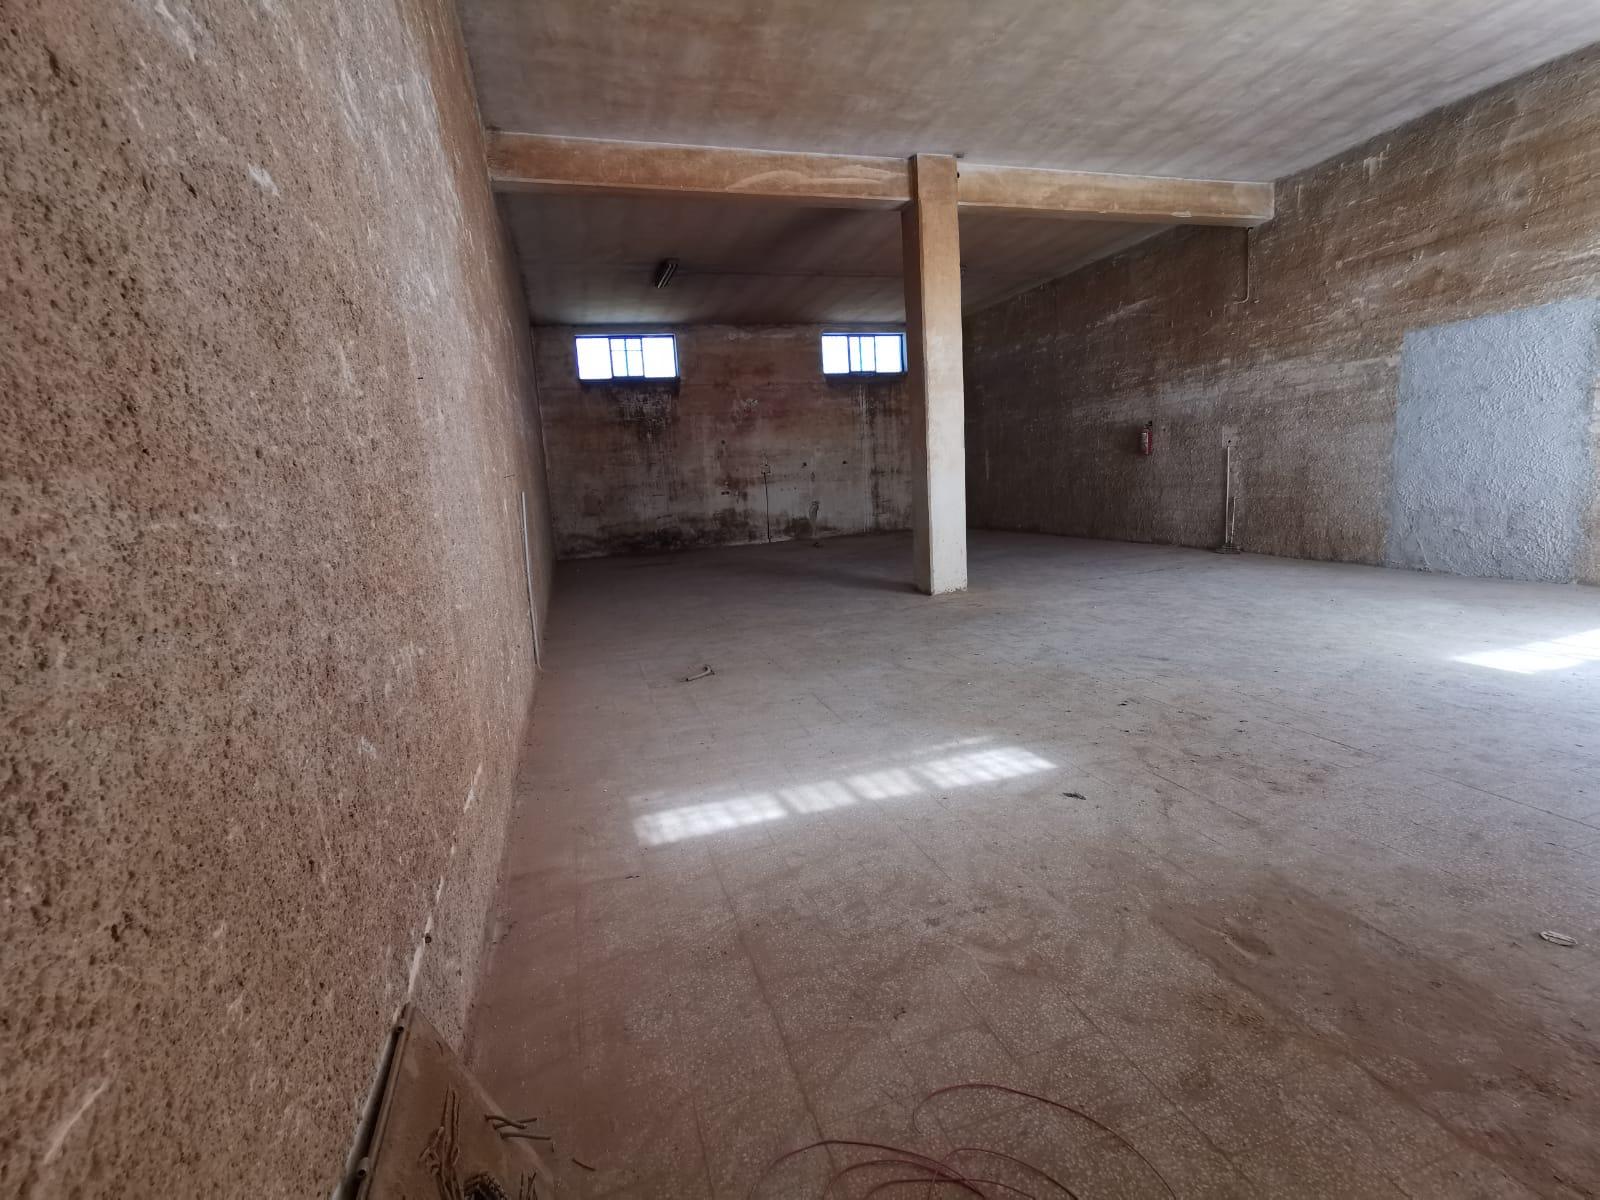 Foto 2 - Laboratorio/magazzino in Vendita a Manfredonia - Viale Padre Pio - Posta del Fosso